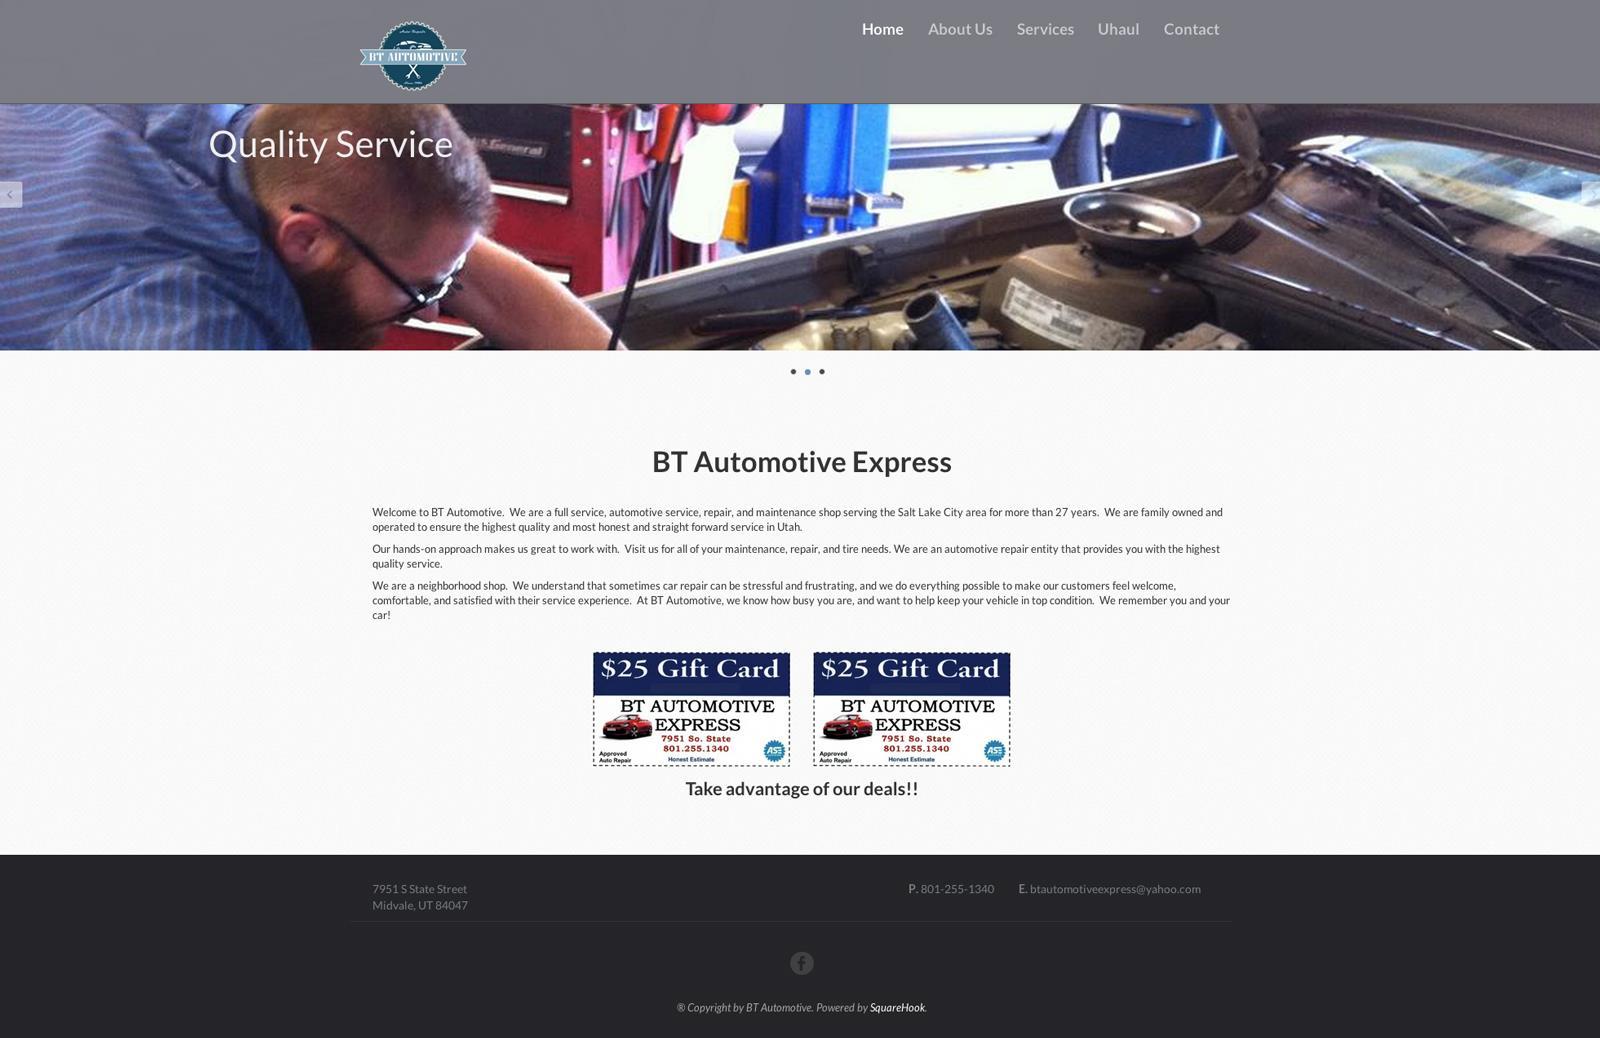 BT Automotive